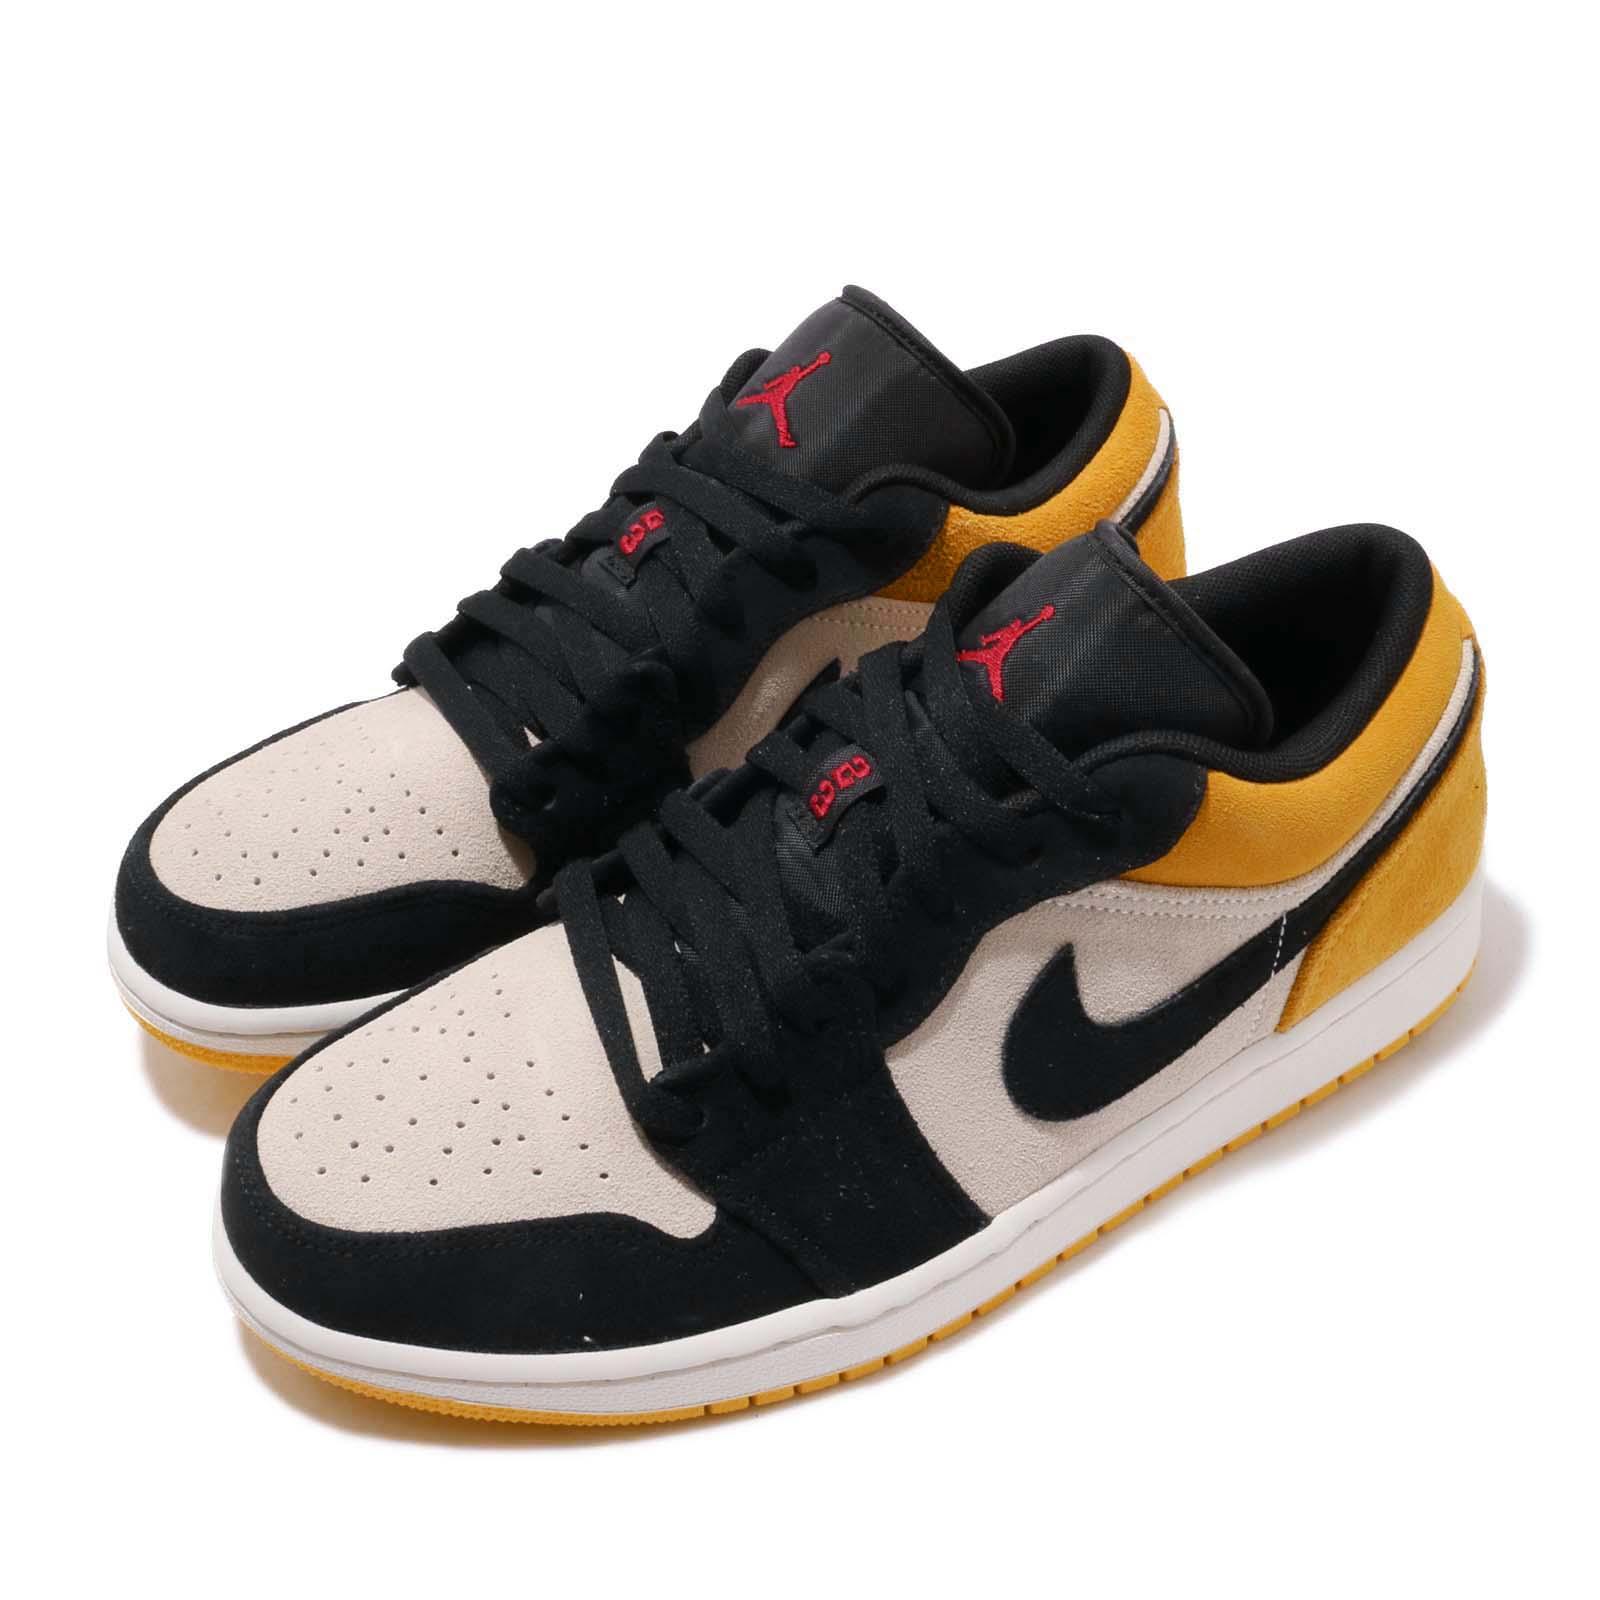 Nike 籃球鞋 Air Jordan 1 低筒 男鞋 553558-127